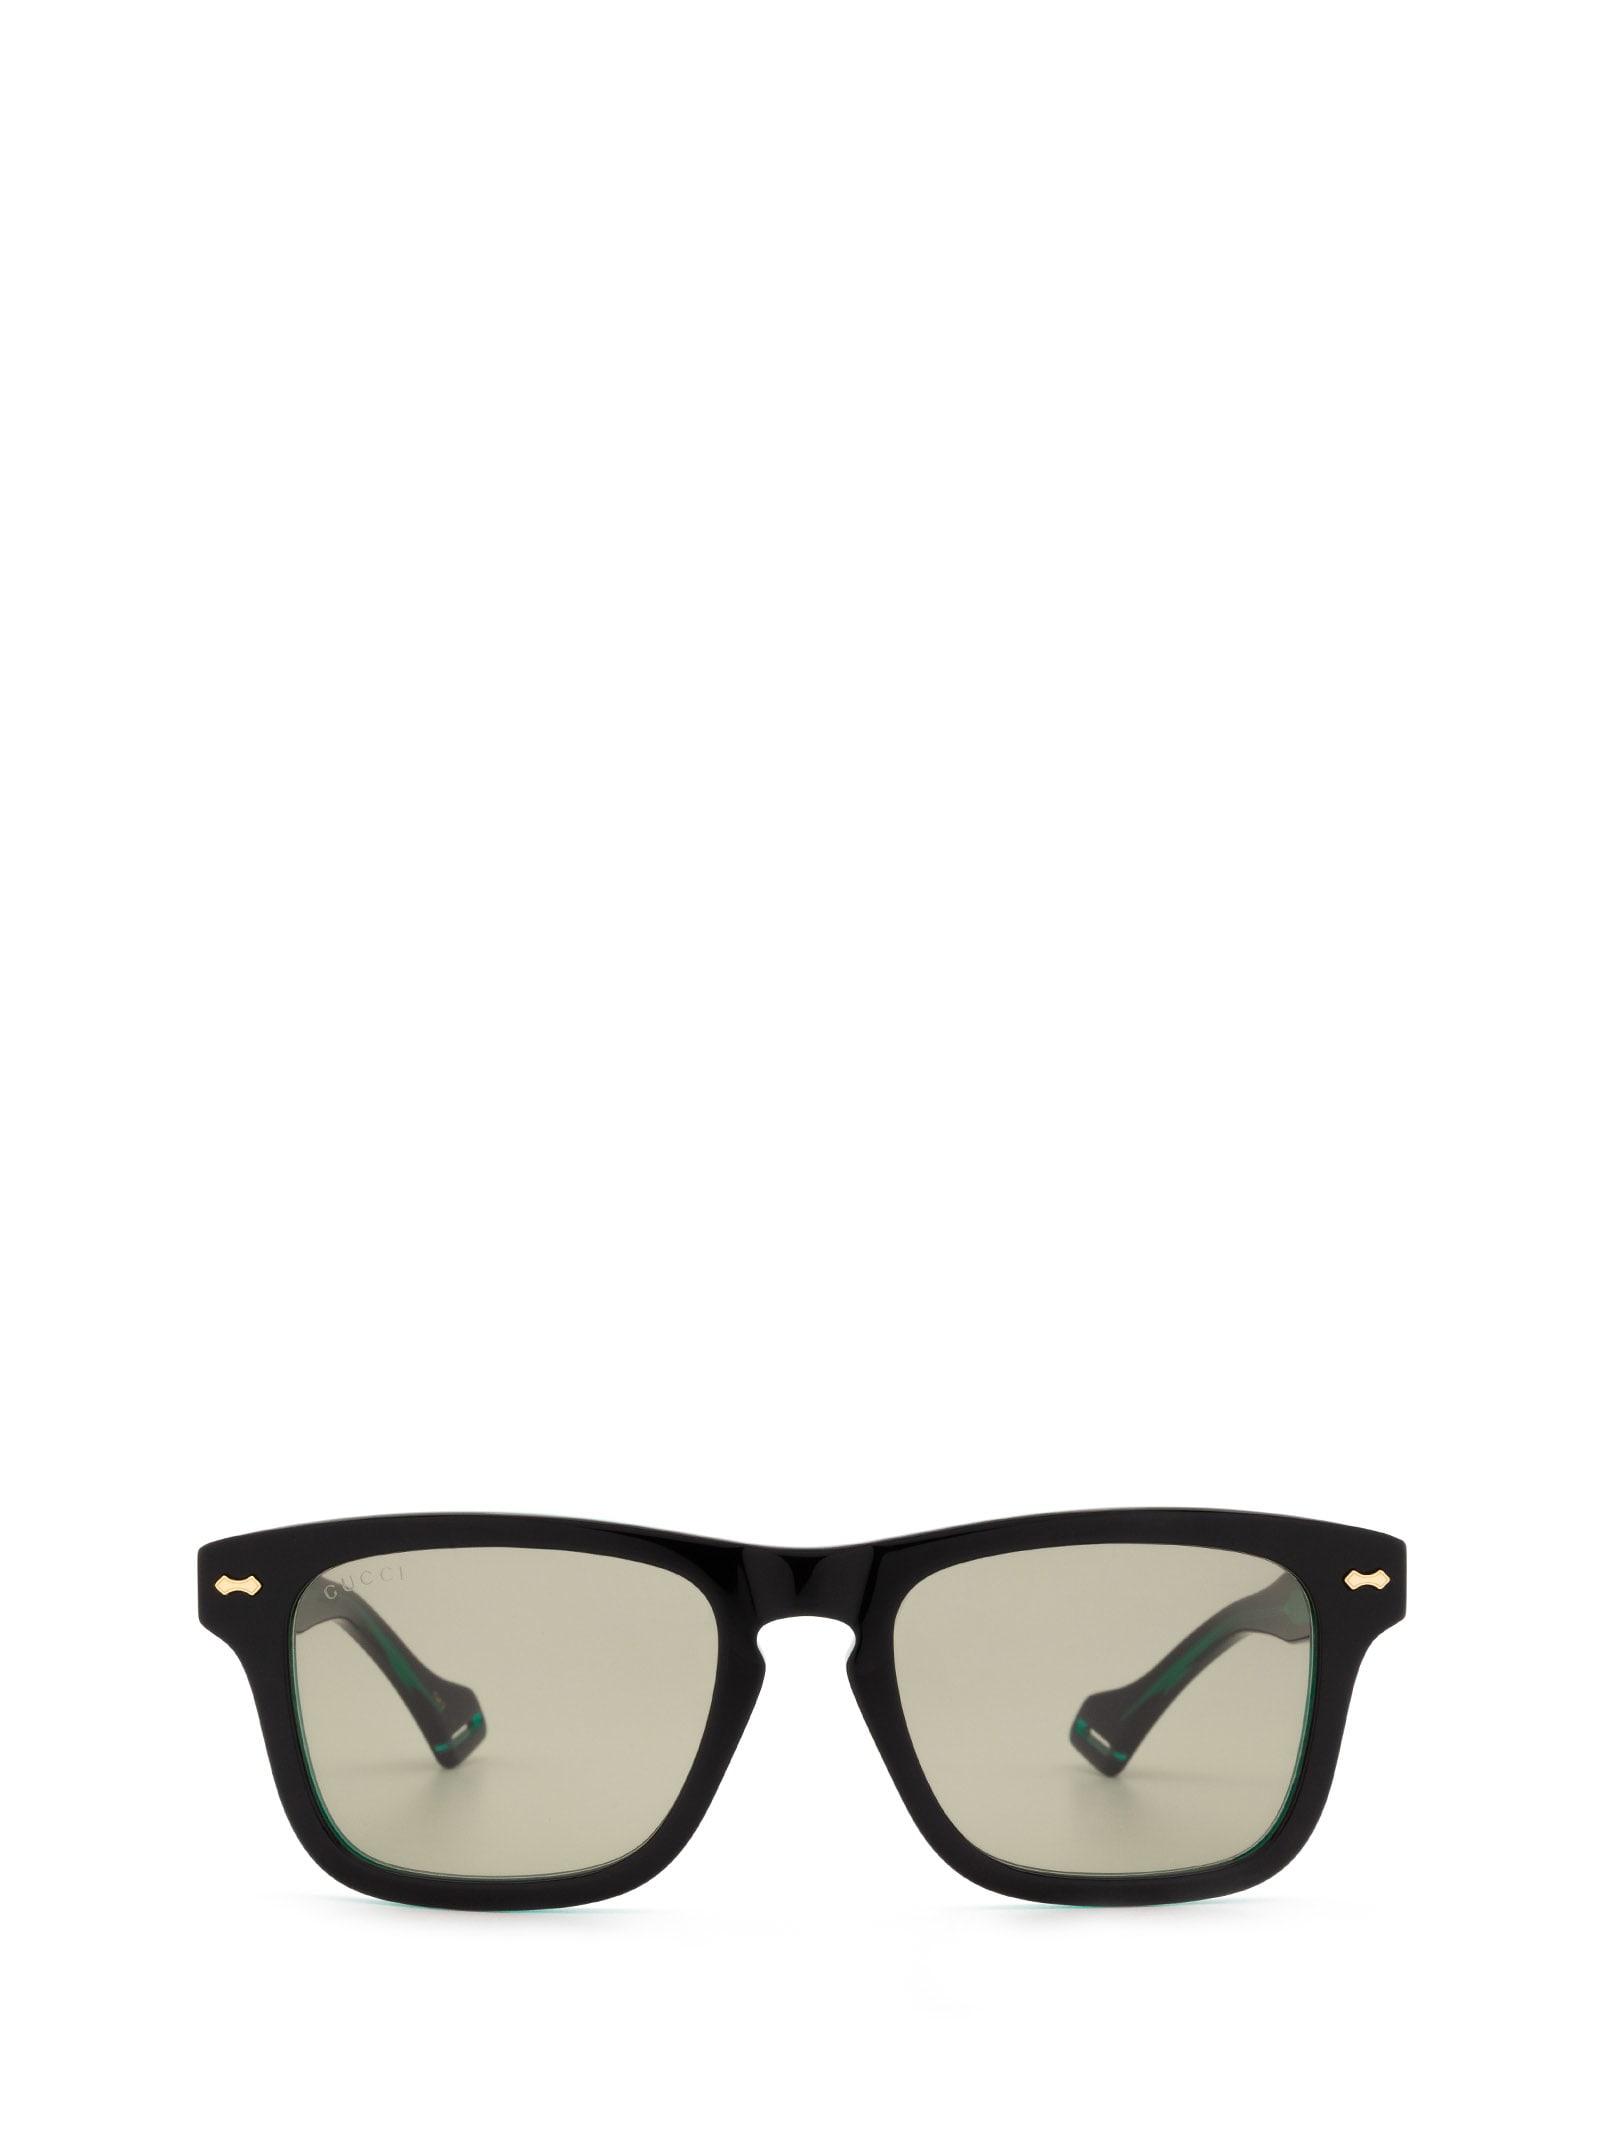 Gucci GG0735S BLACK SUNGLASSES